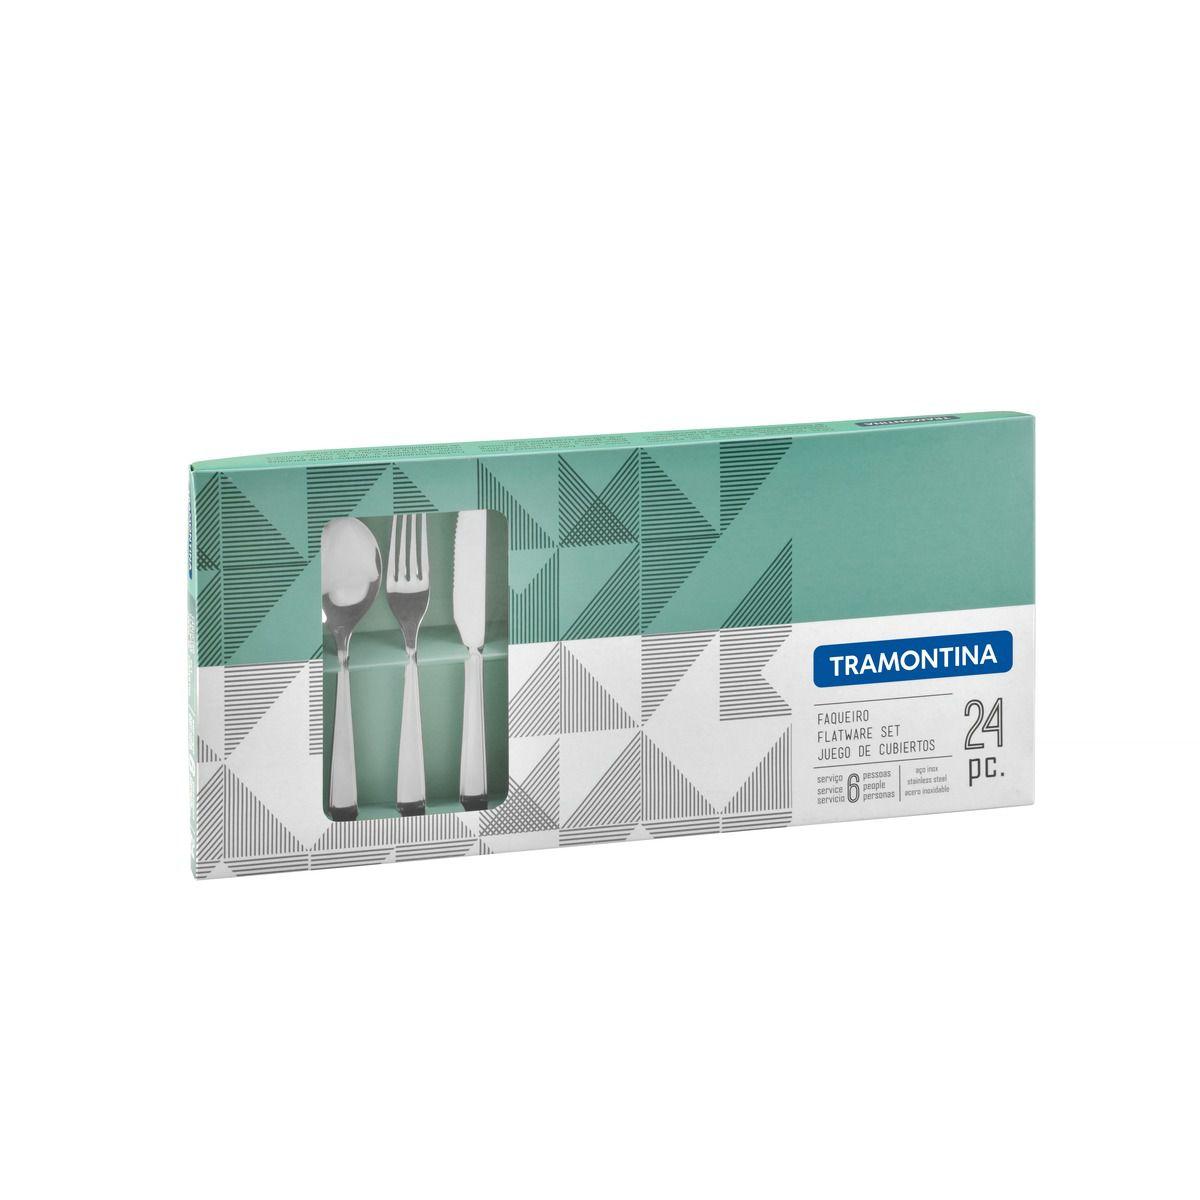 Faqueiro aço inox com faca de mesa 24 pç. 66901/000 | Lojas Estrela